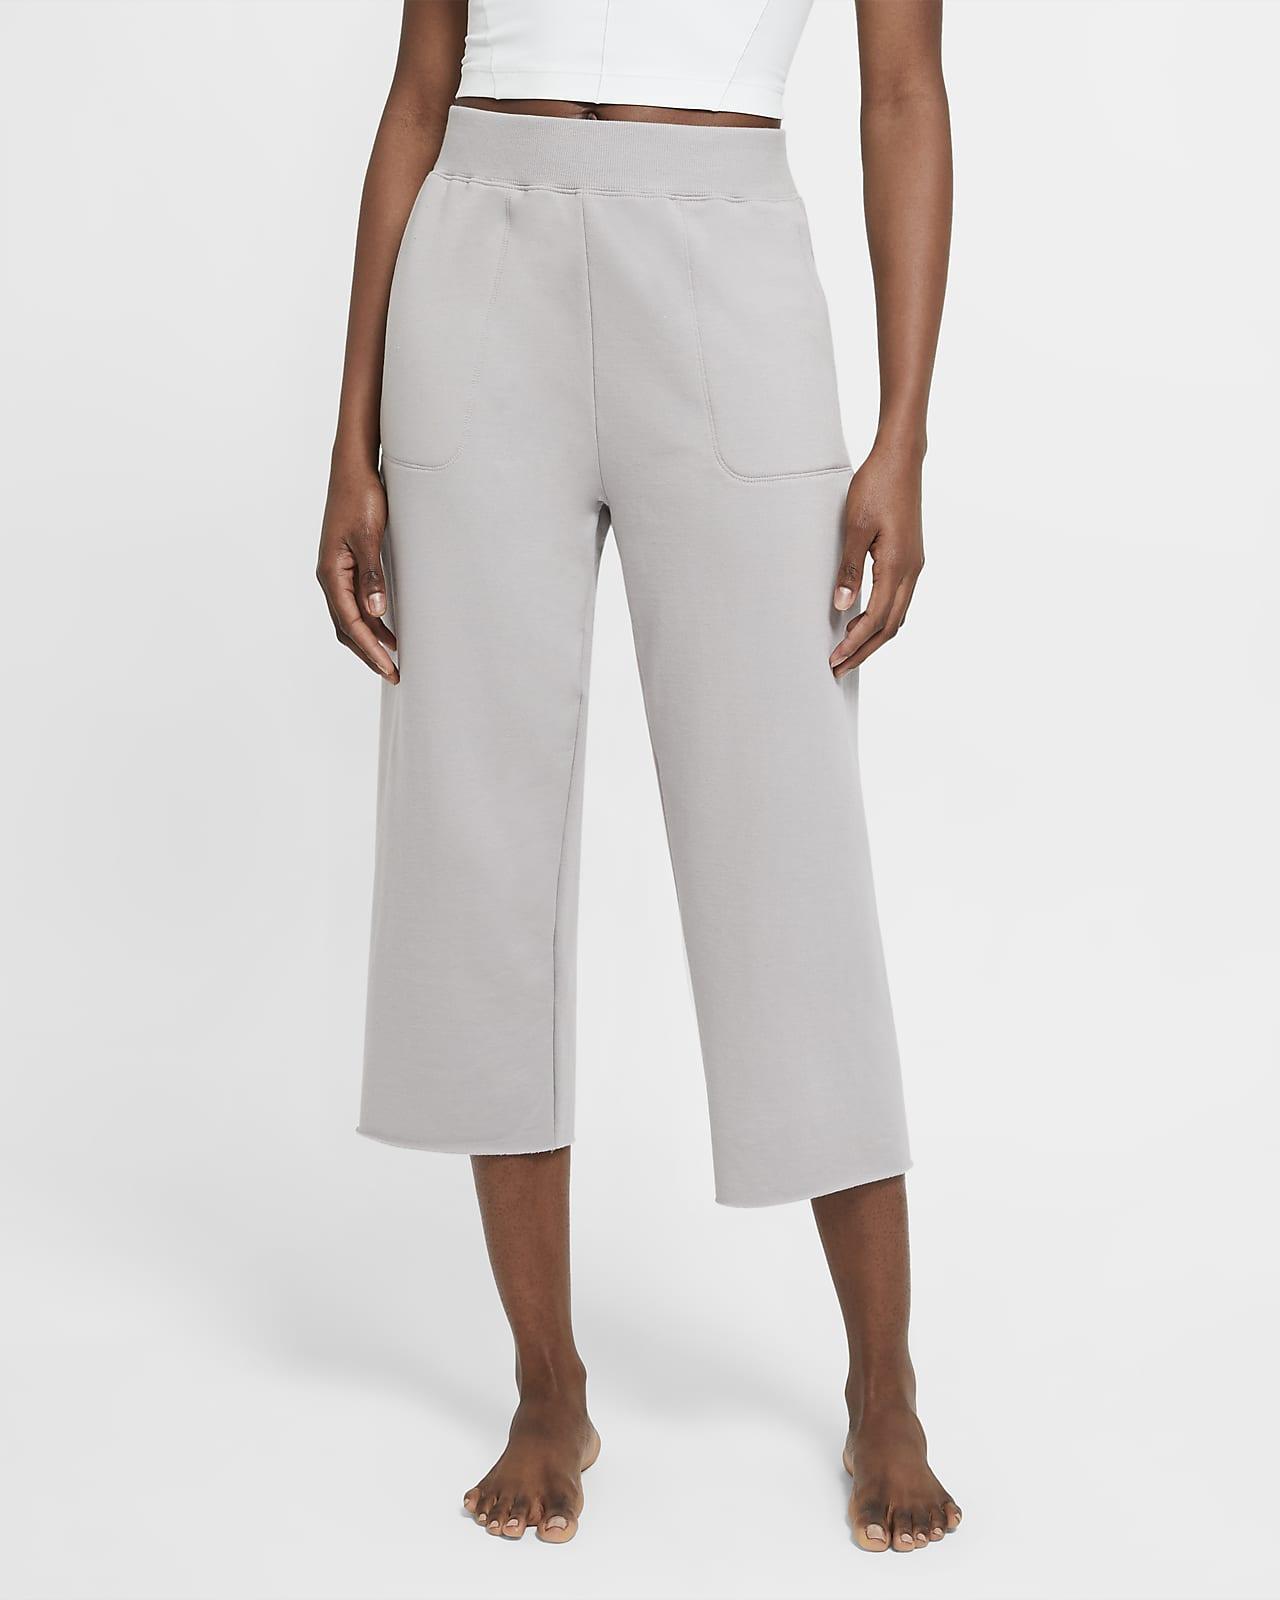 Pantalones pescadores de tejido Fleece para mujer Nike Yoga Luxe